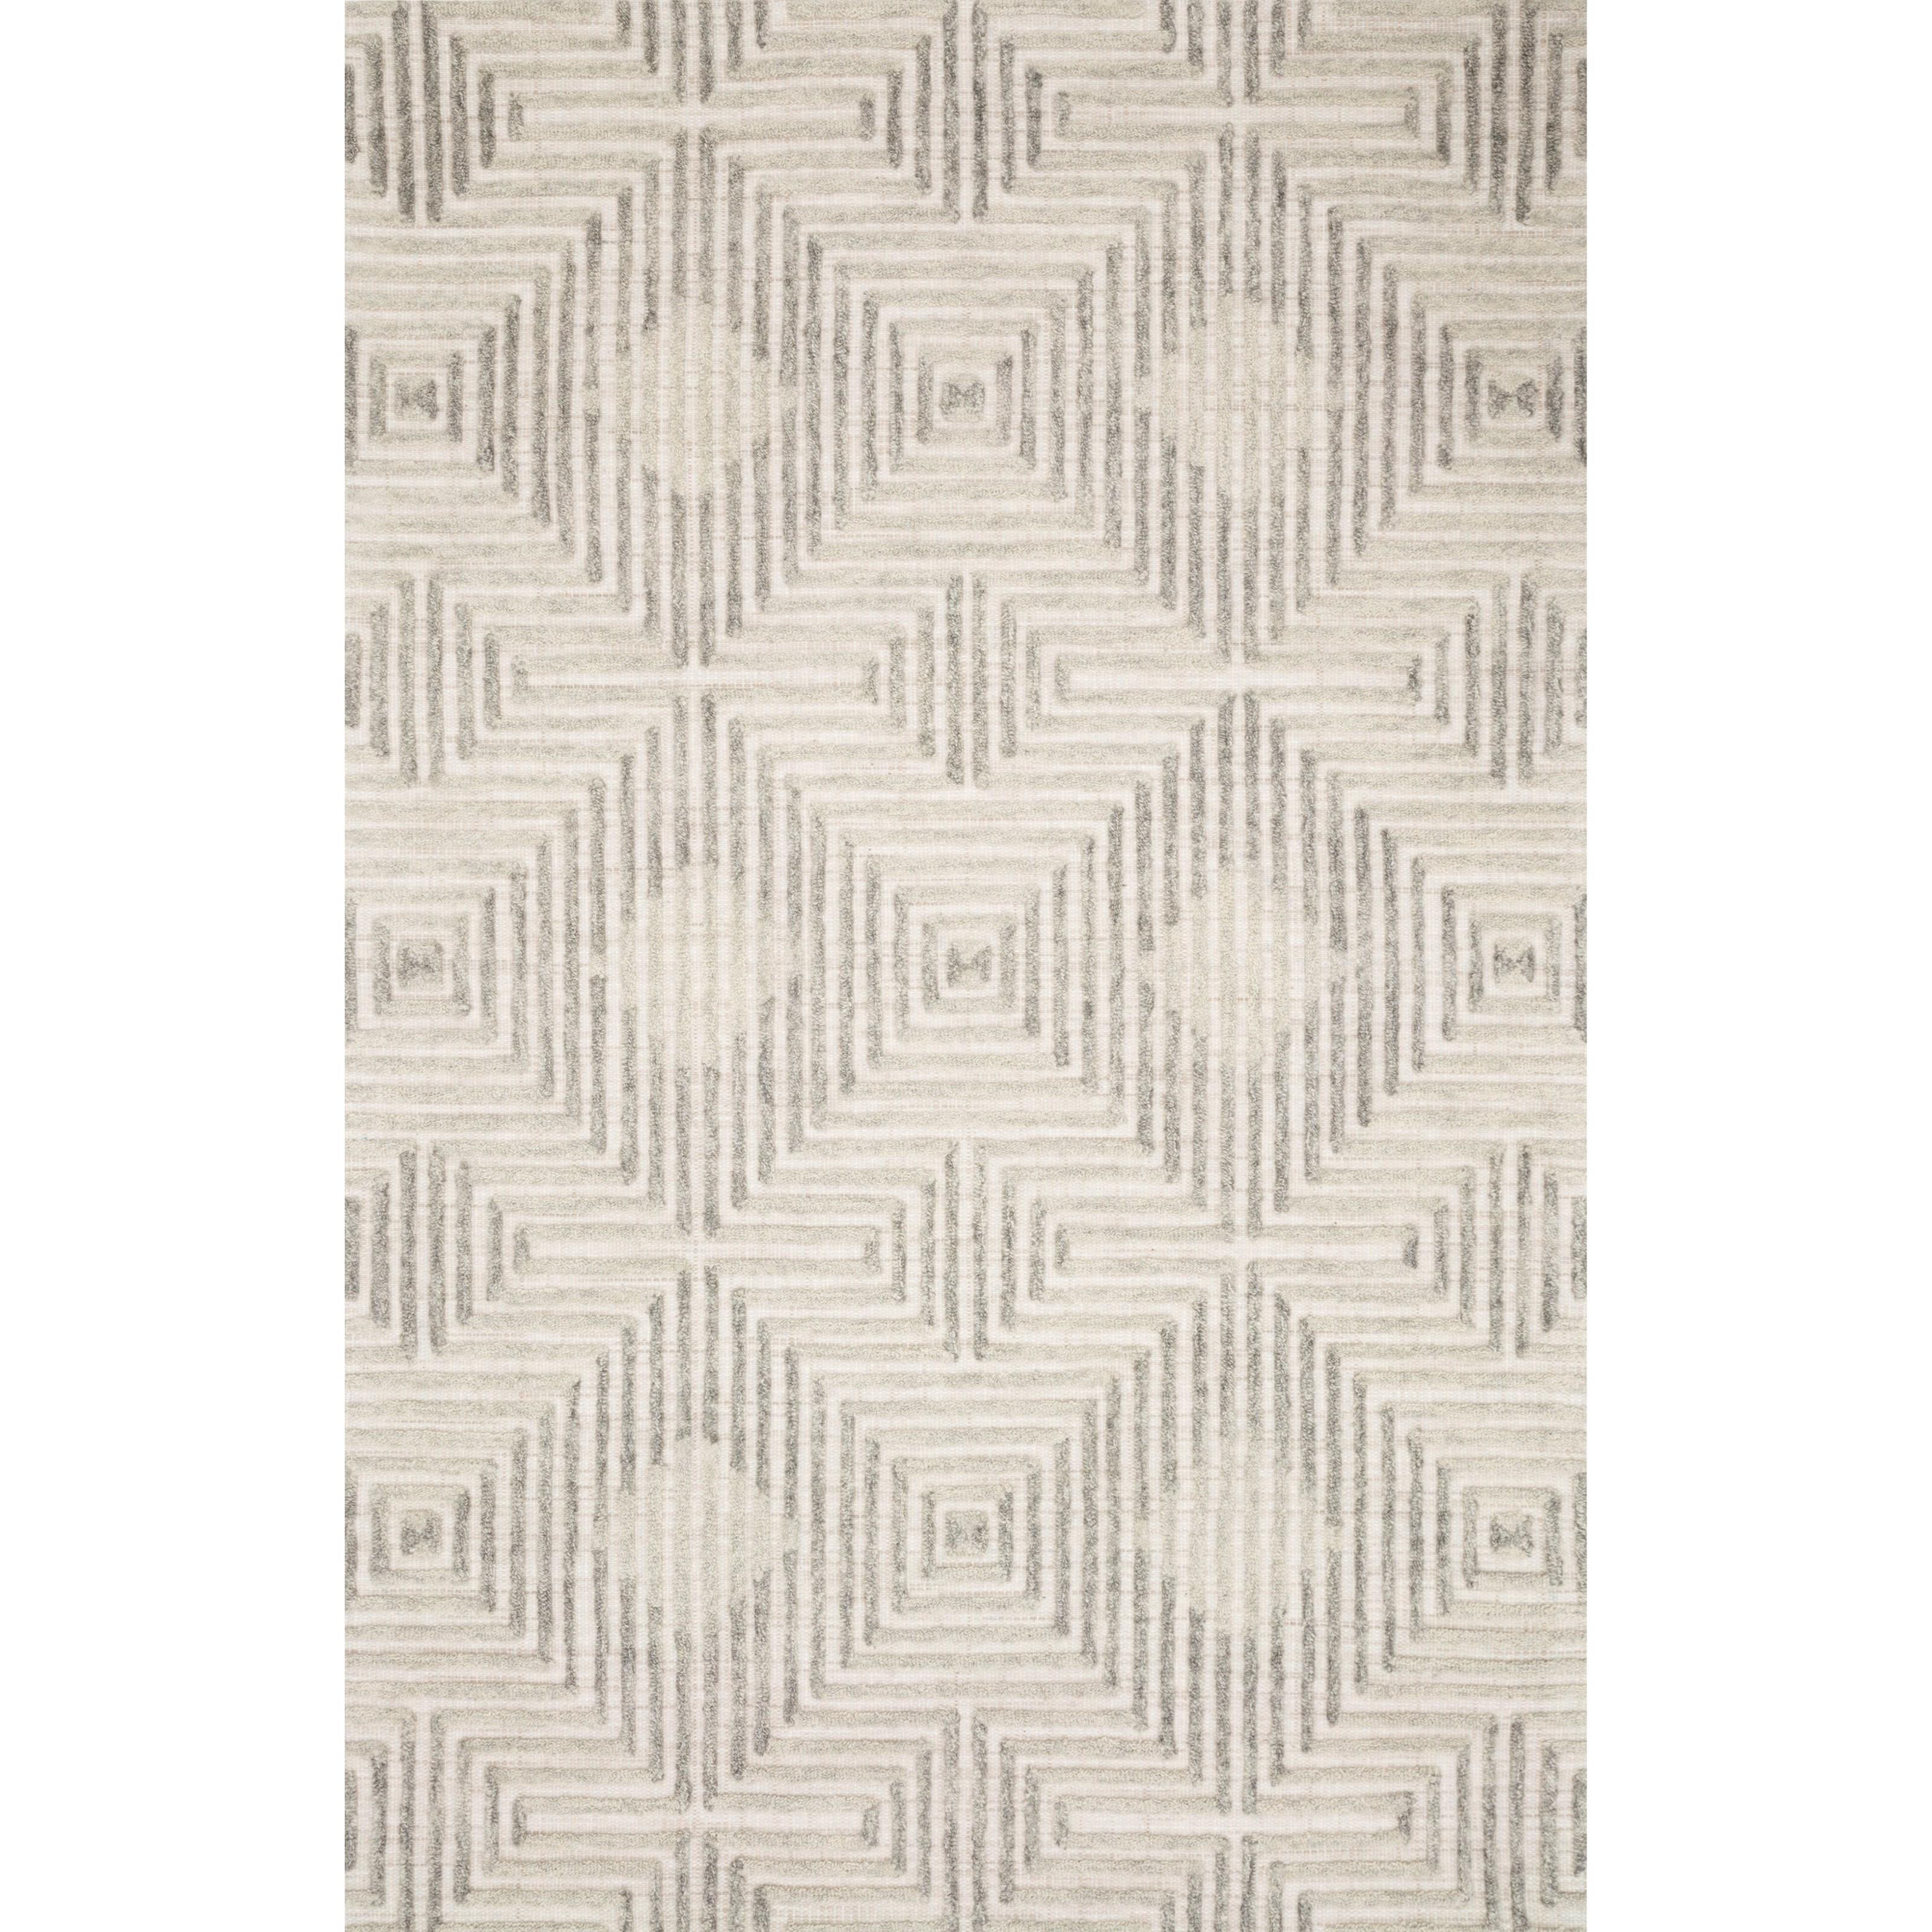 """Ehren 9'3"""" x 13' Grey / Silver Rug by Loloi Rugs at Pedigo Furniture"""